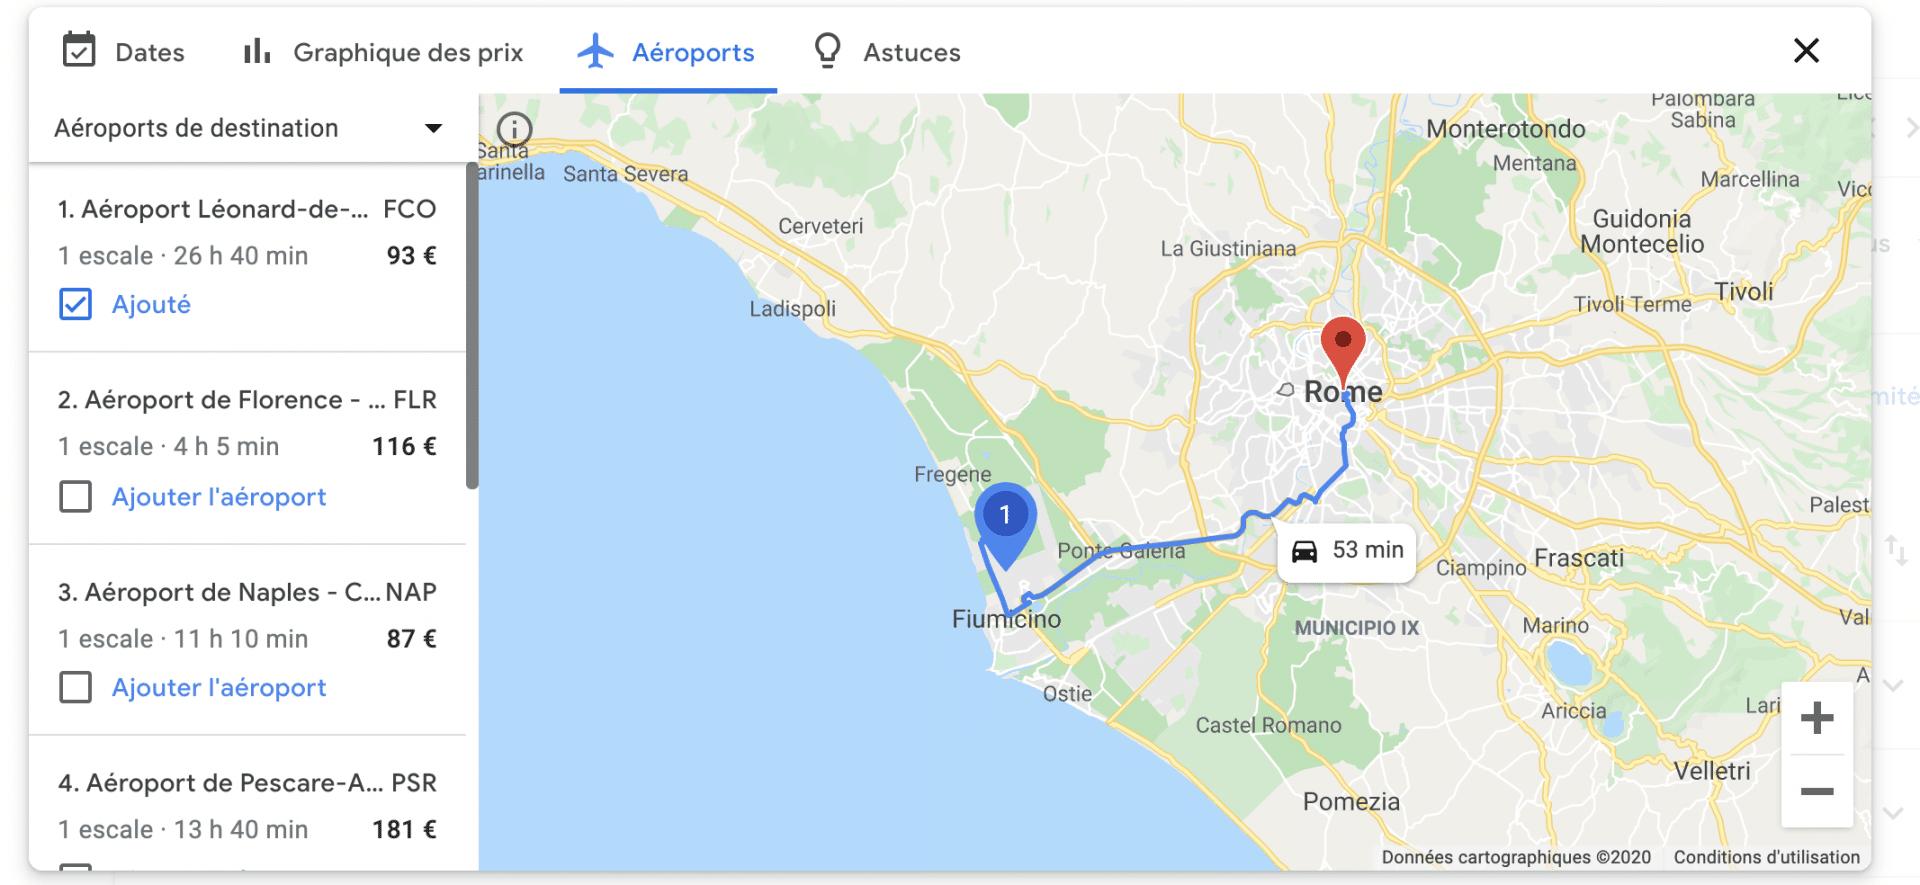 Trouver des vols avec Google Flights